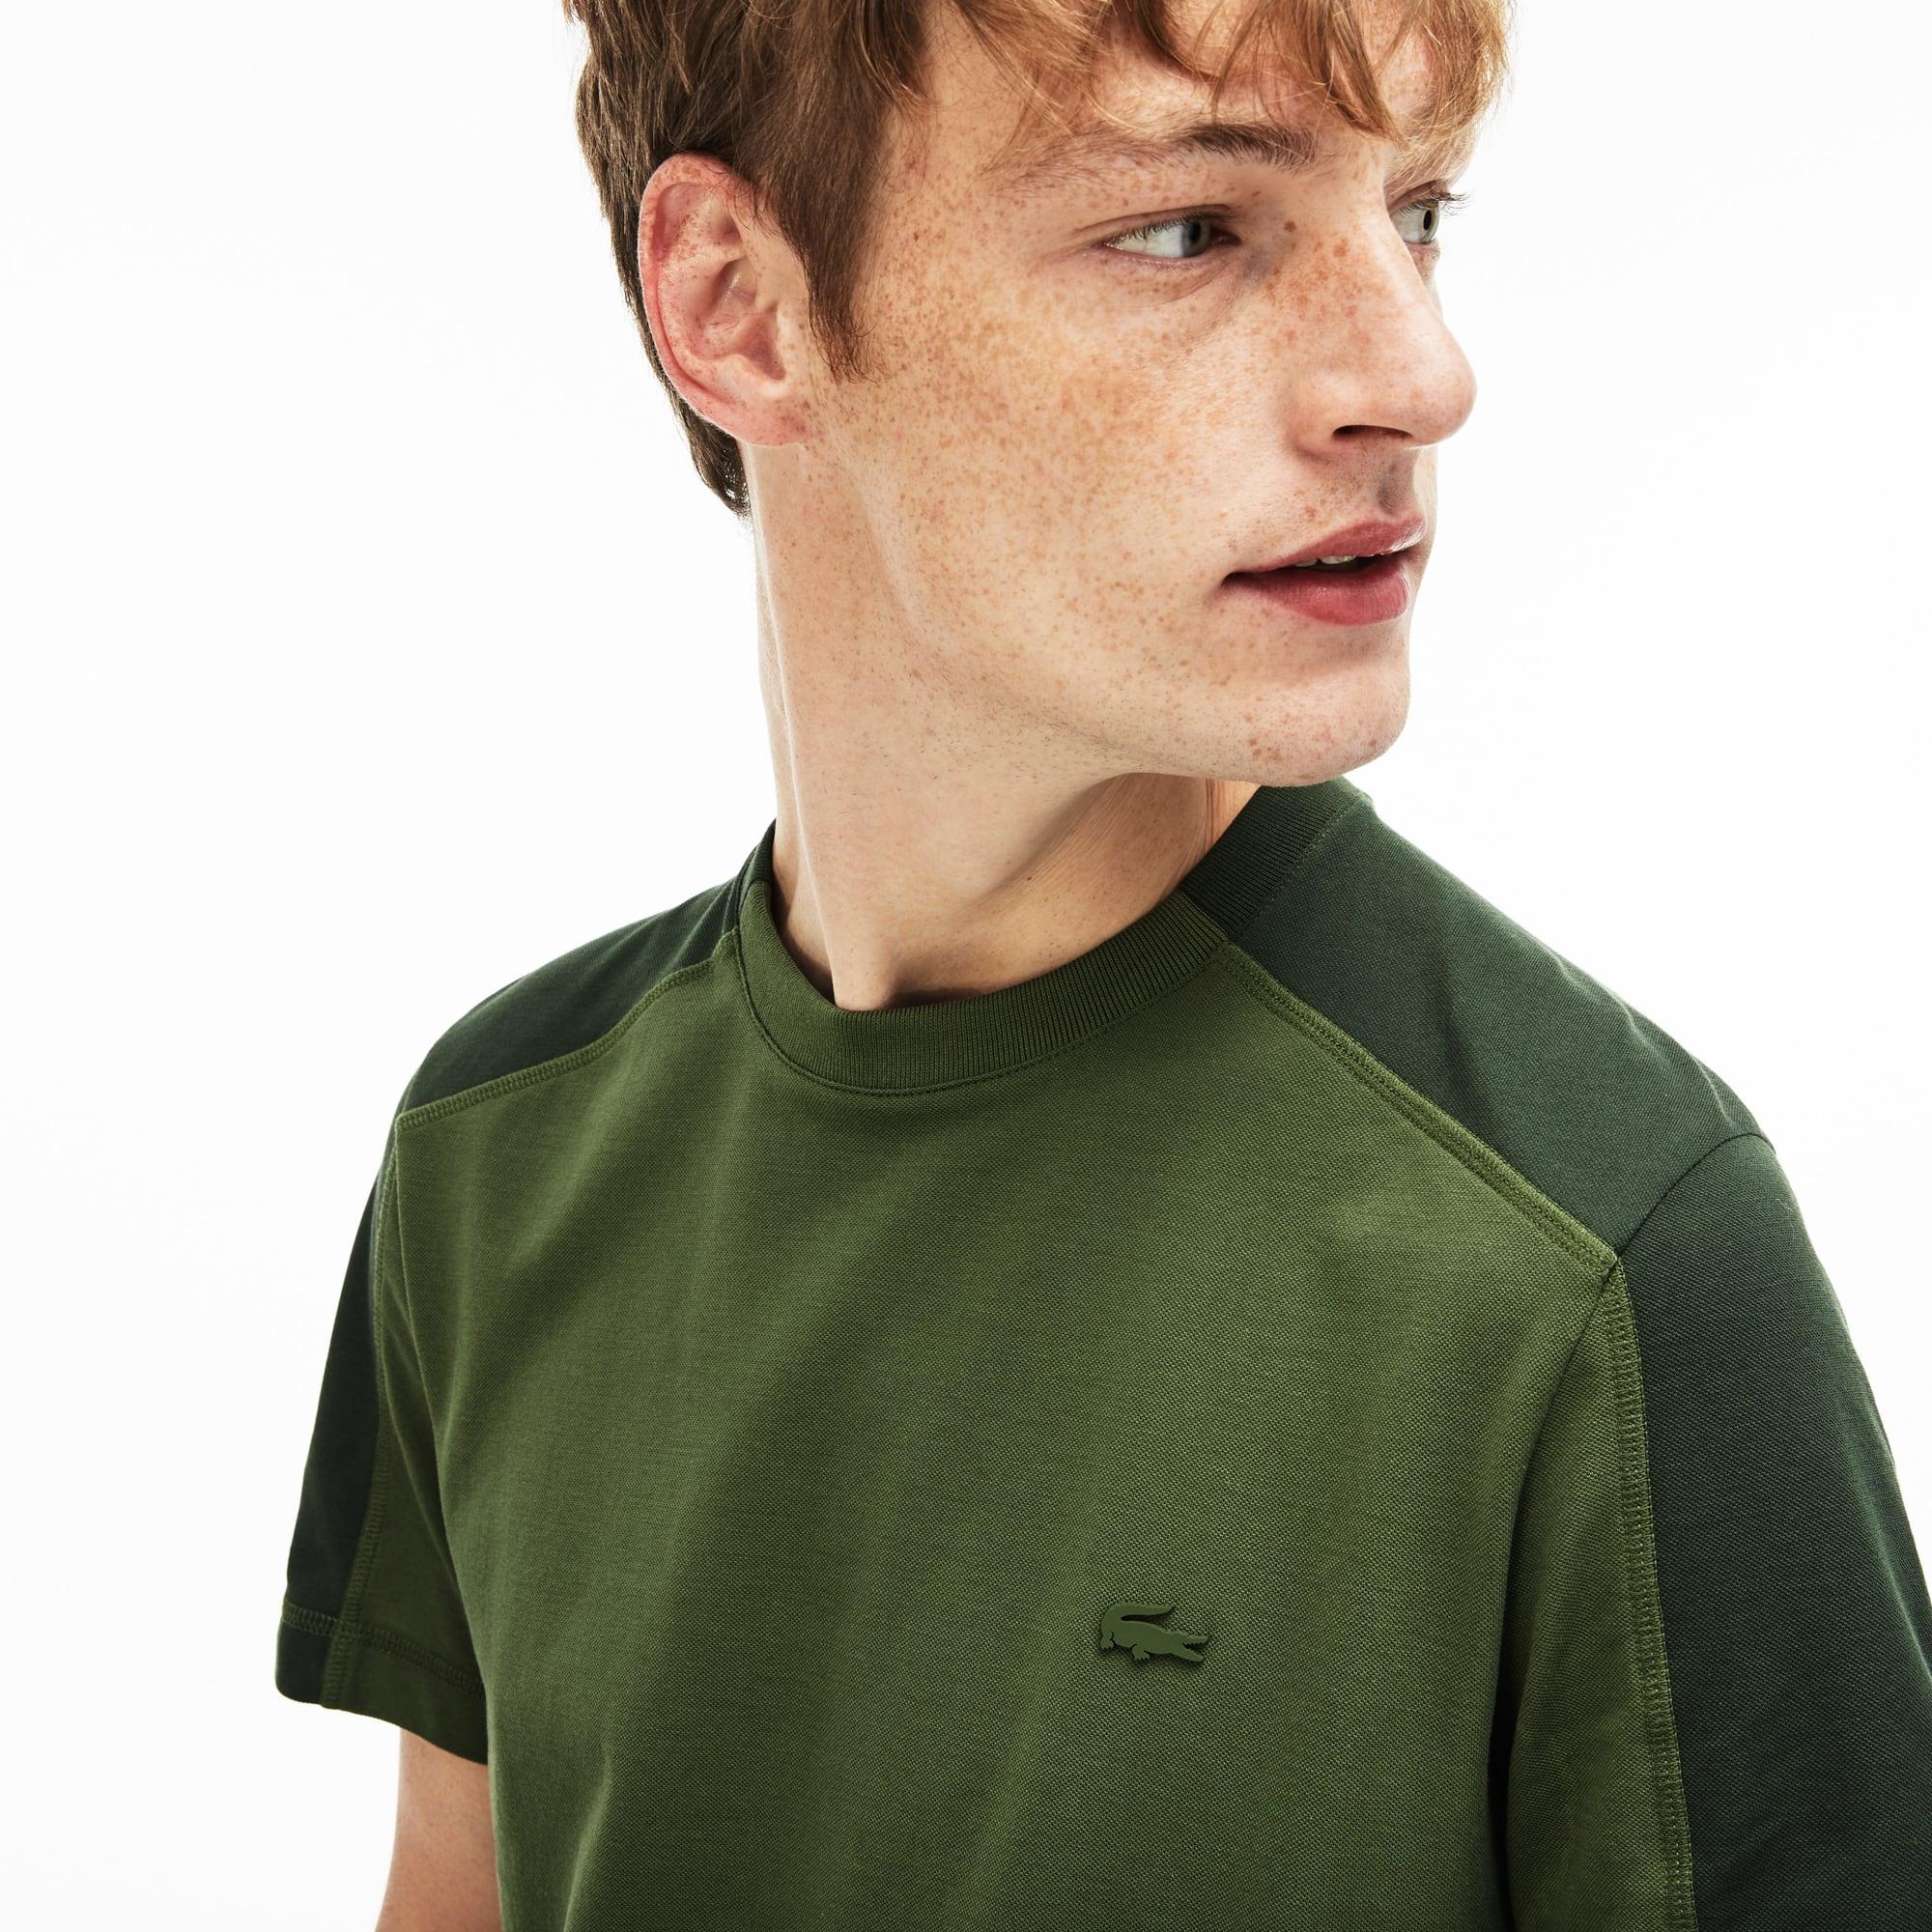 Men's Lacoste Motion Ultra Light Cotton T-shirt